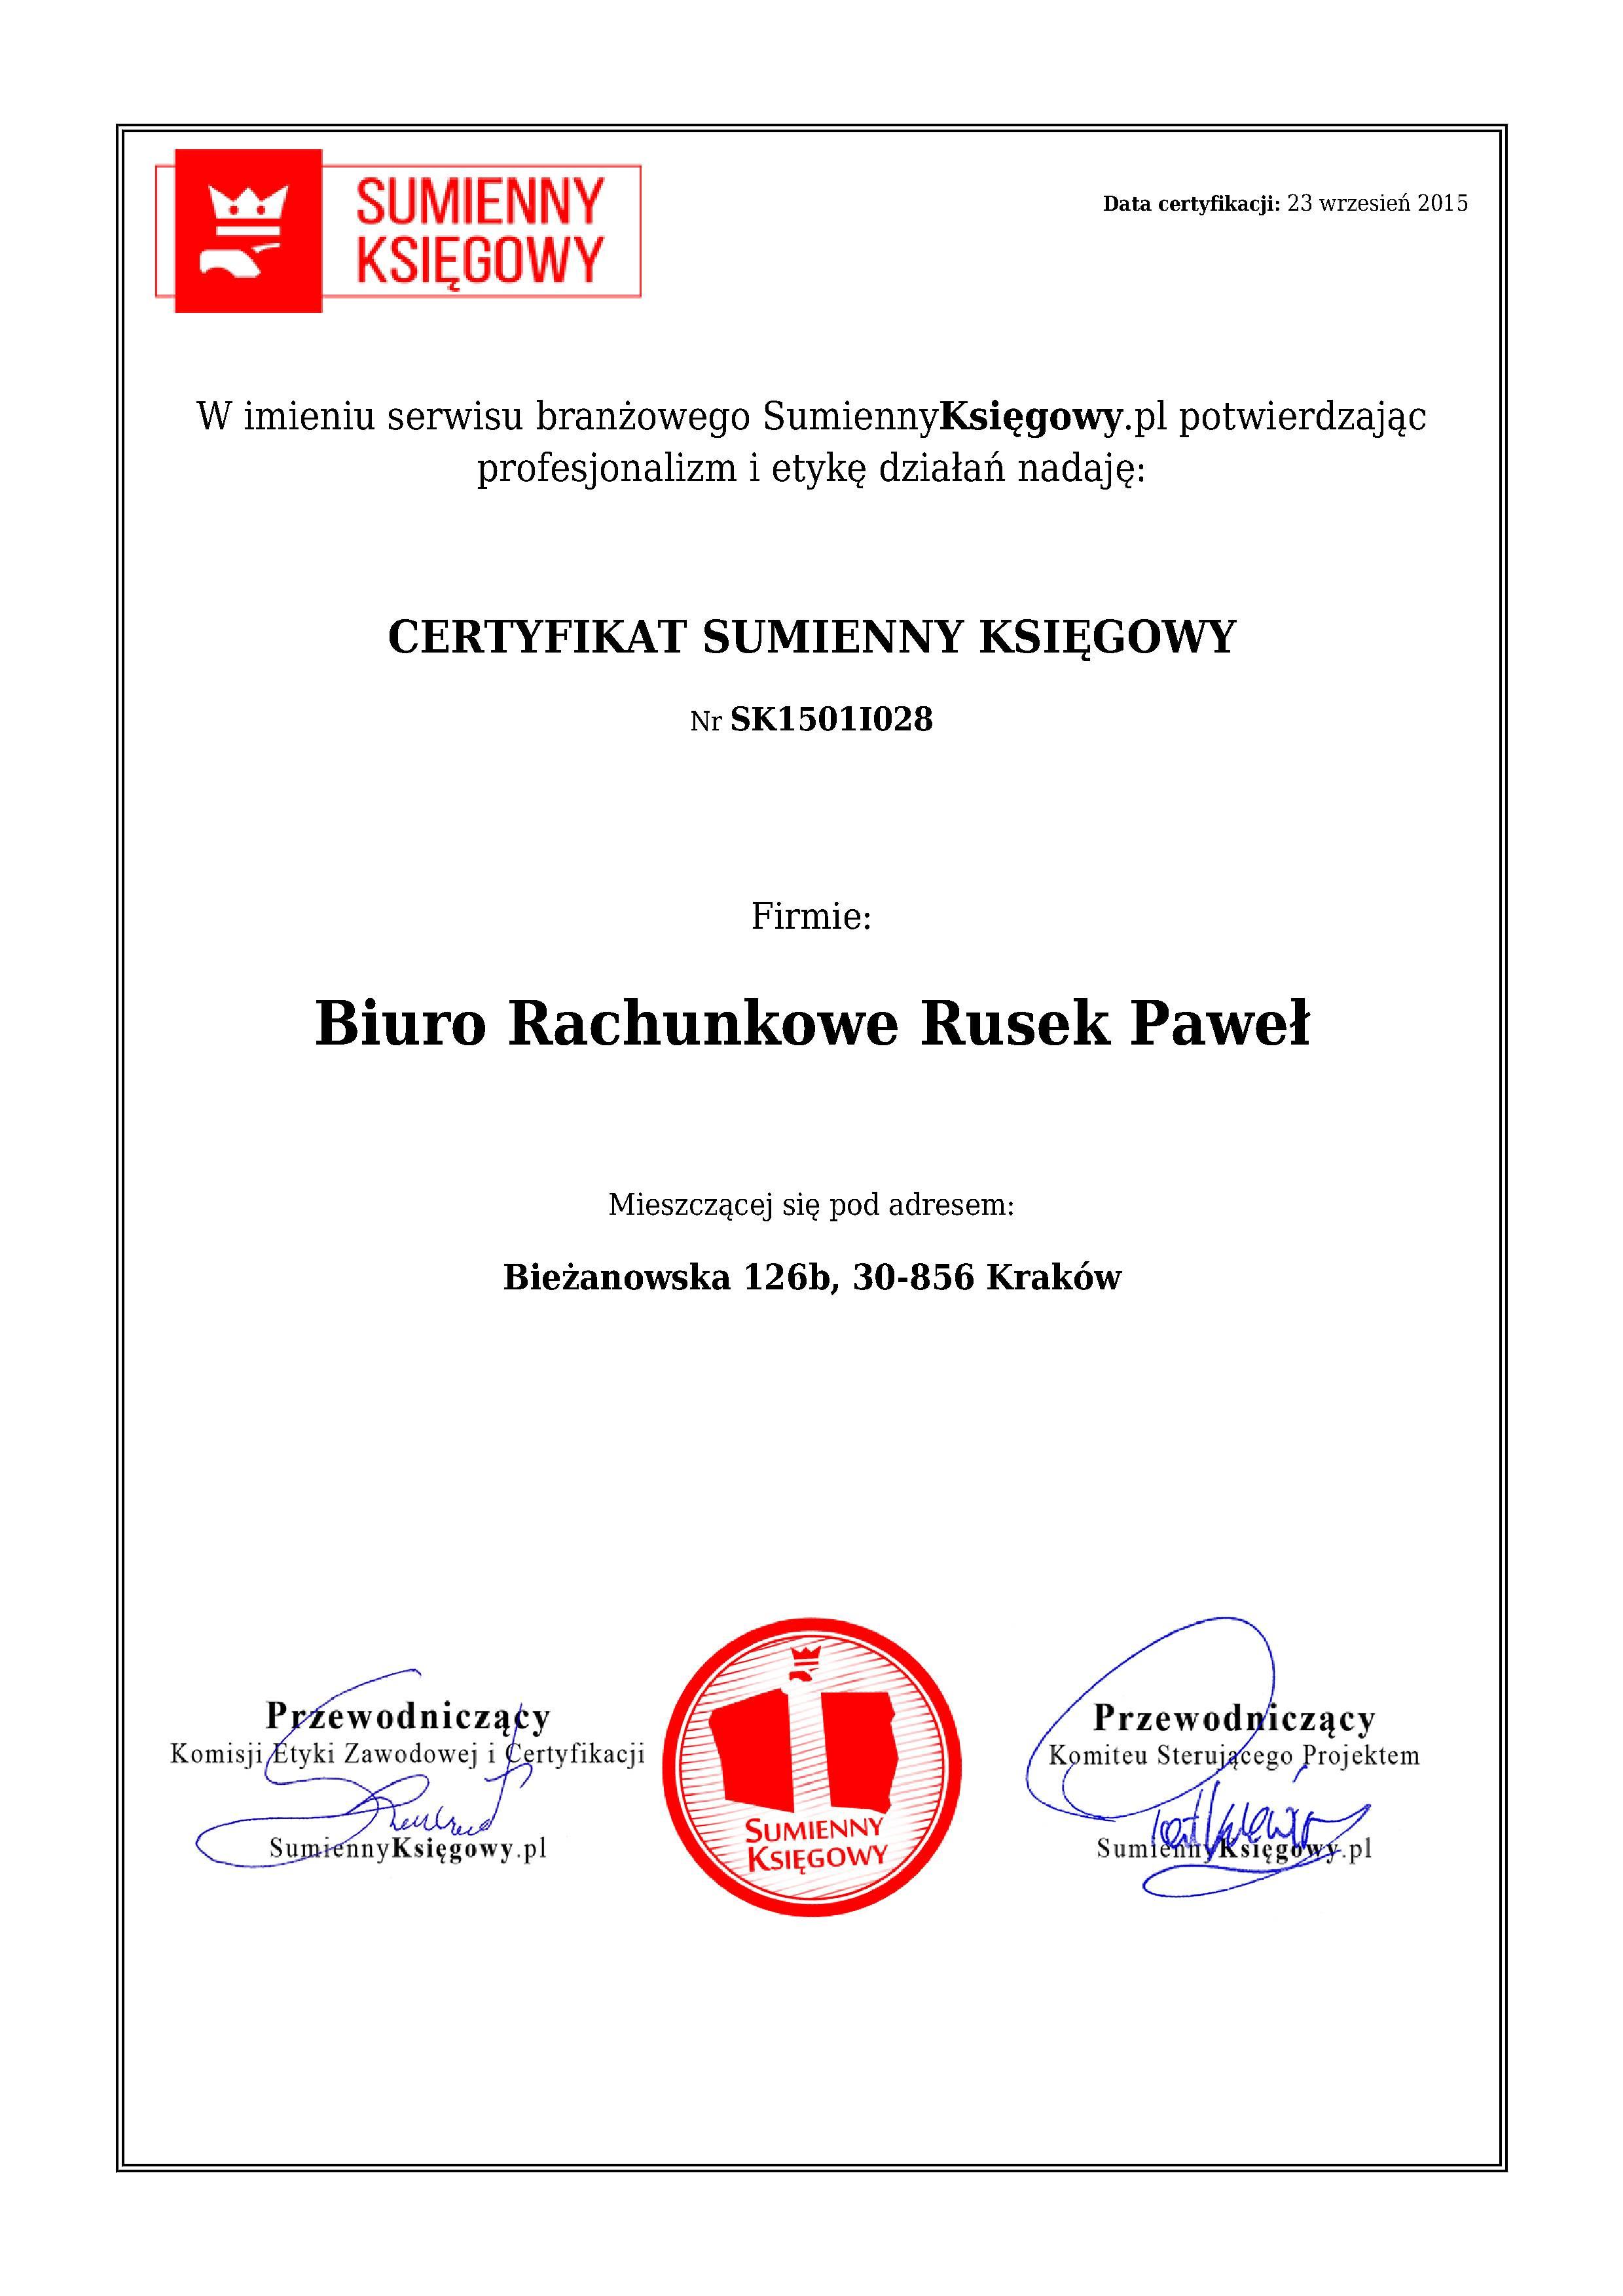 Certyfikat Biuro Rachunkowe Rusek Paweł